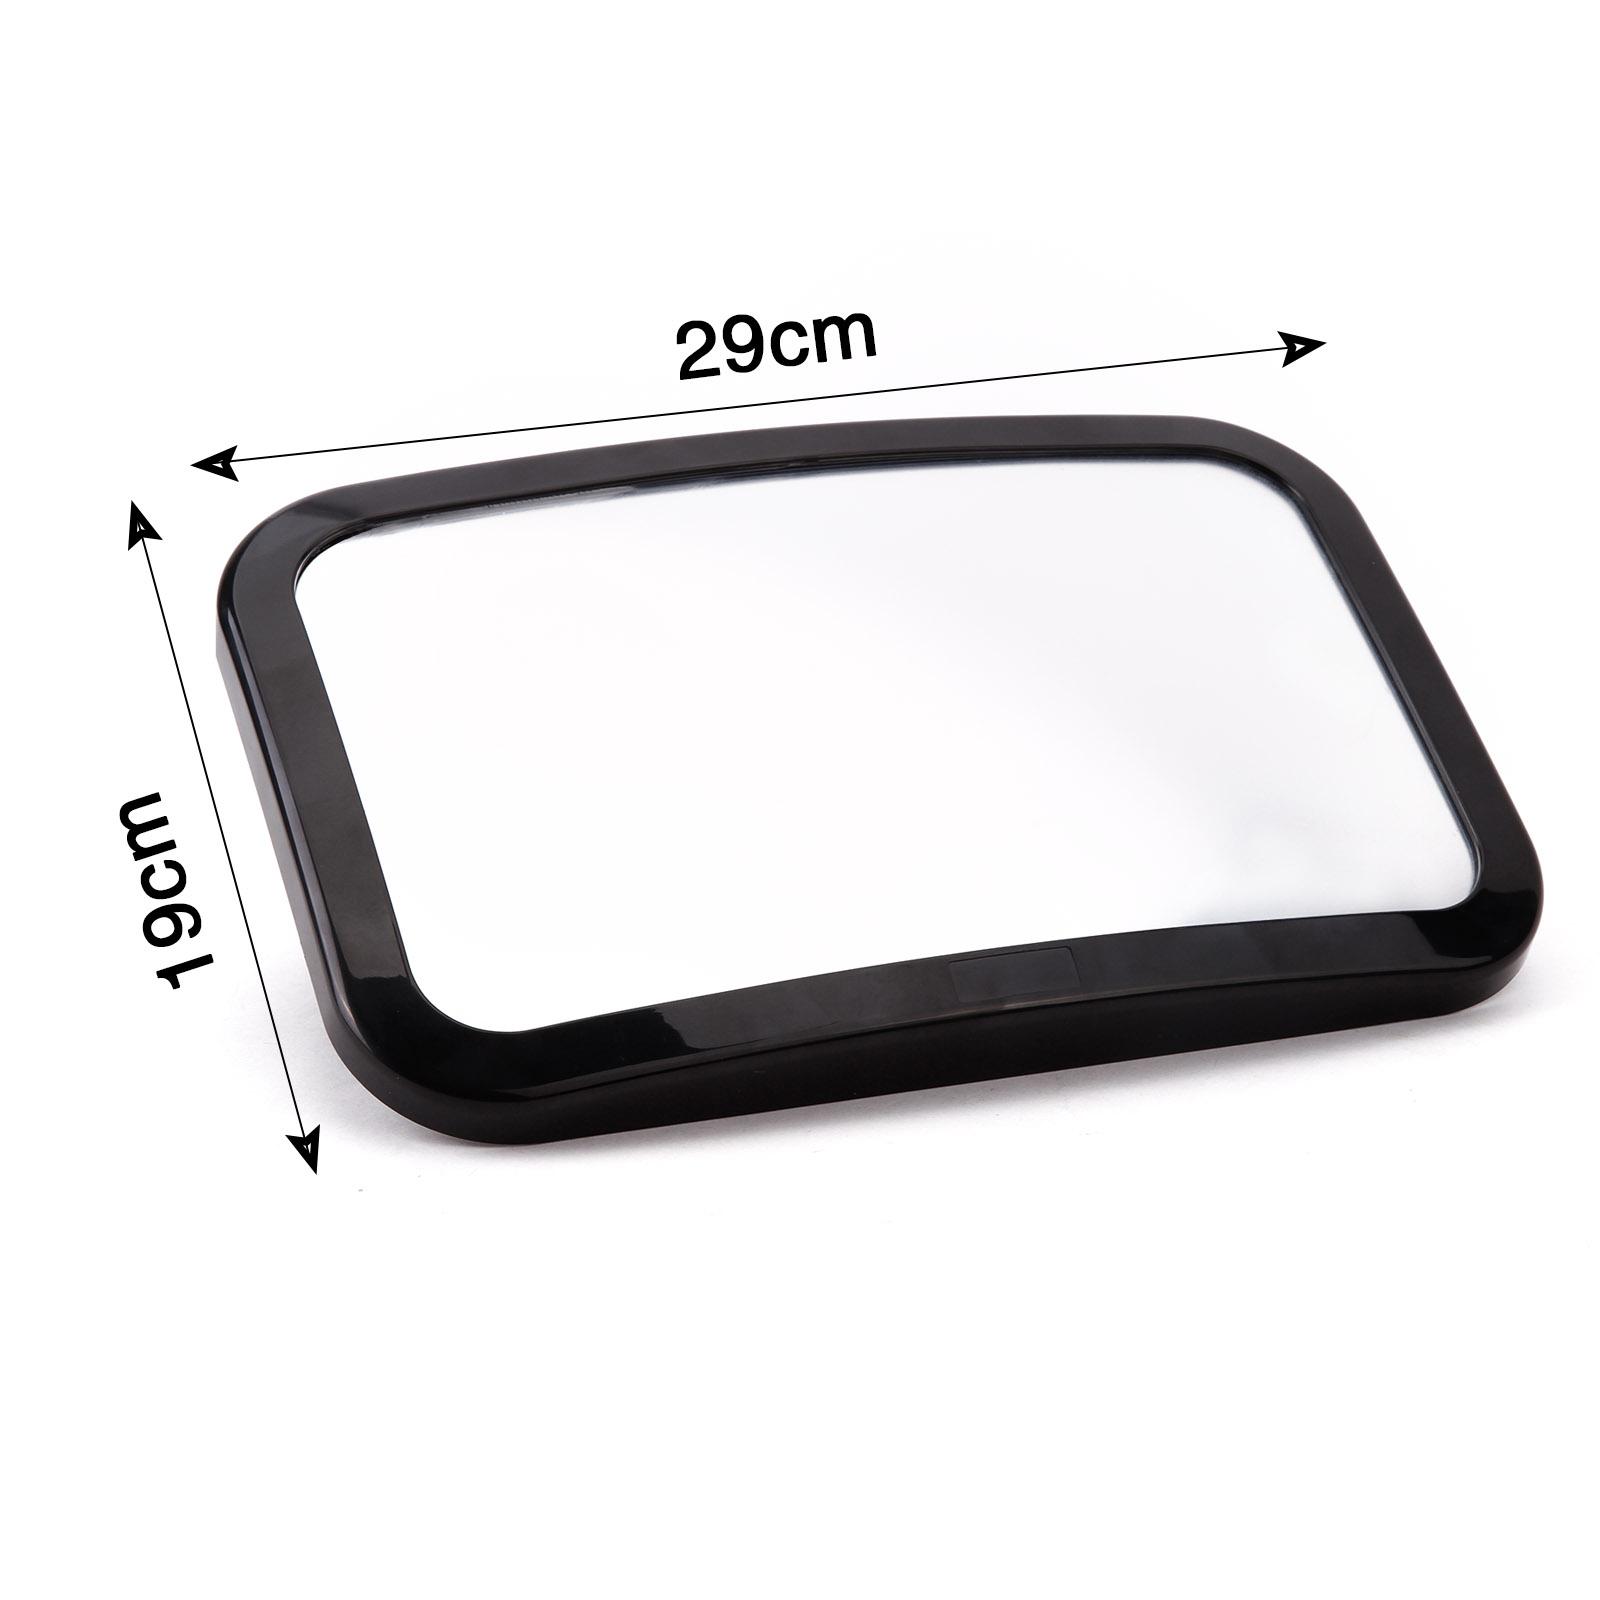 miroir de securite reglable vue de r troviseur voiture surveillance arri re ebay. Black Bedroom Furniture Sets. Home Design Ideas